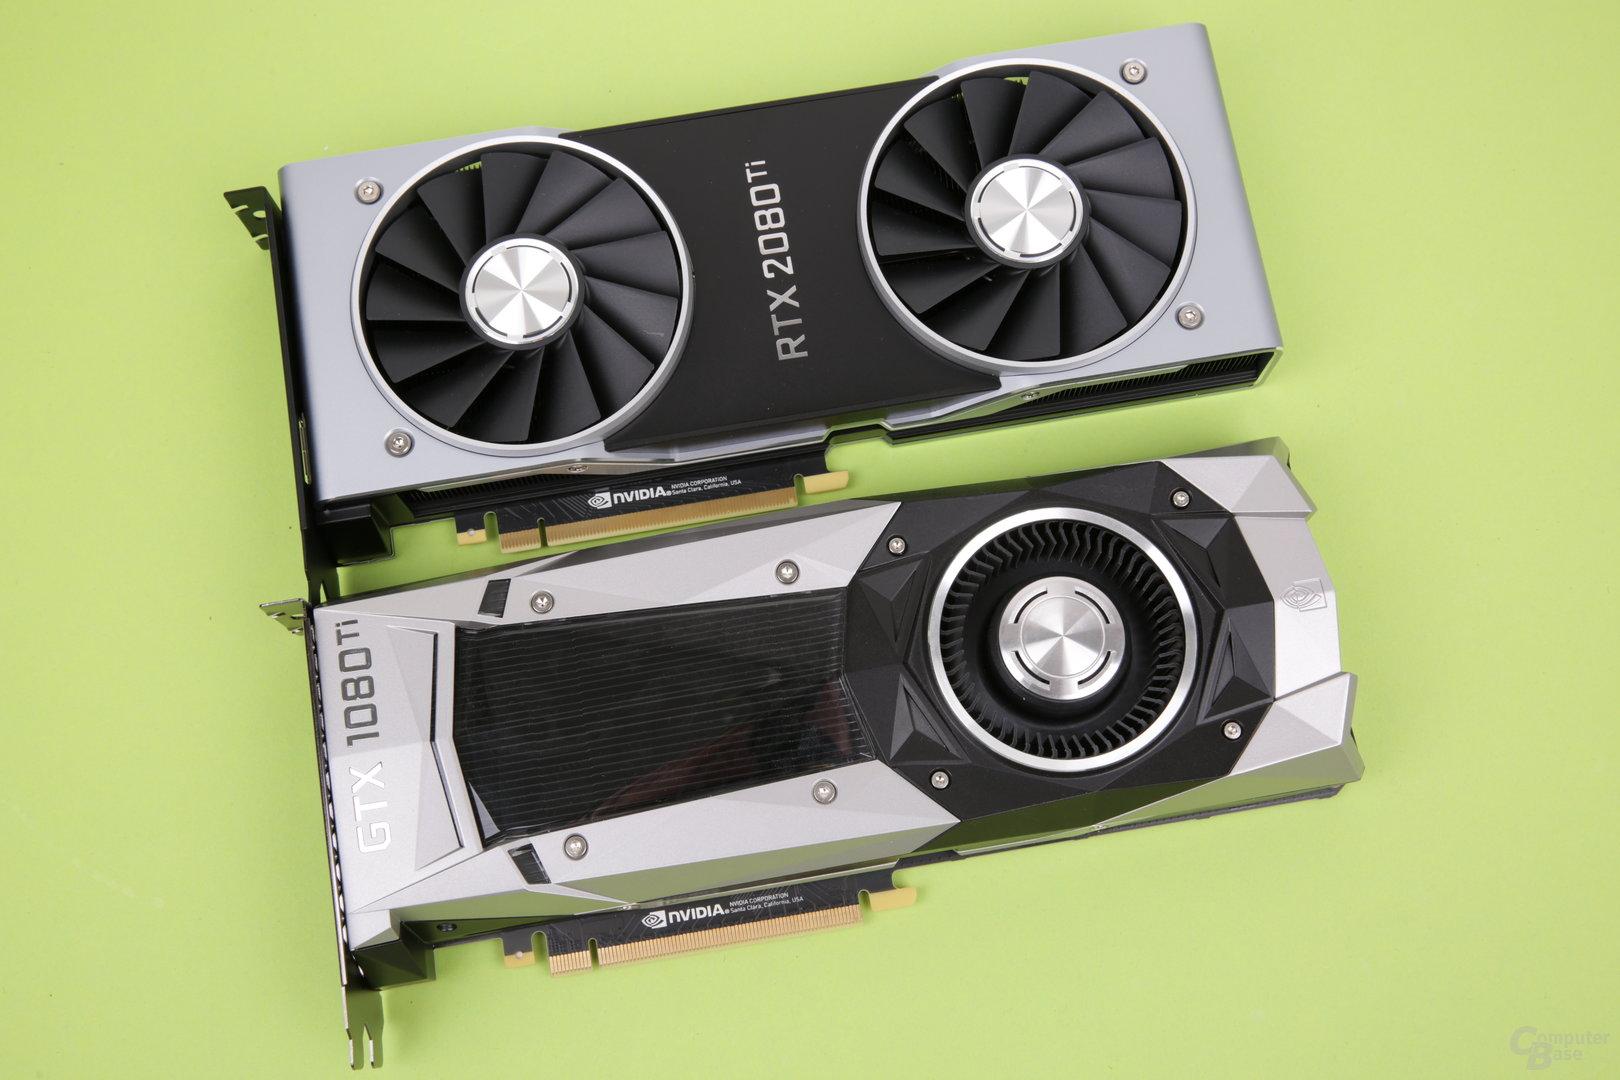 GeForce RTX 2080 Ti (oben) vs. GeForce GTX 1080 Ti (unten)